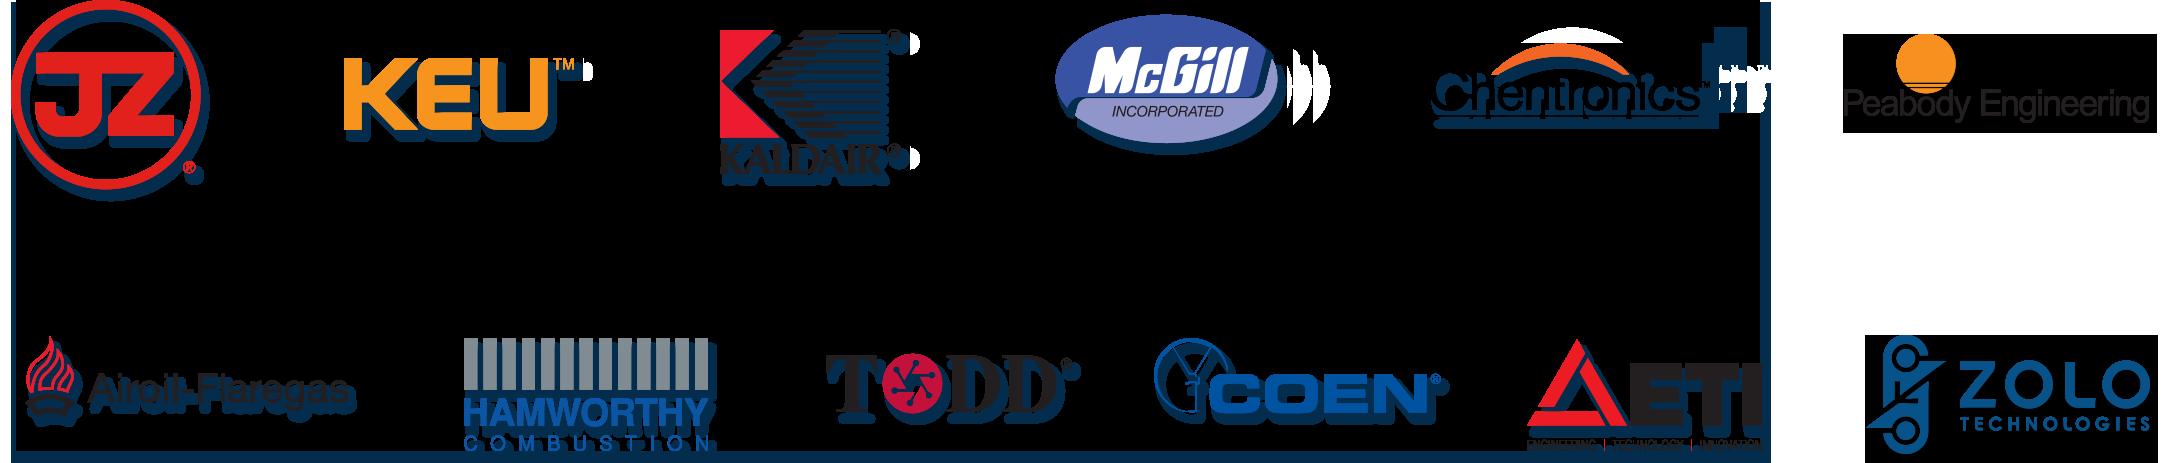 JZHC Brands